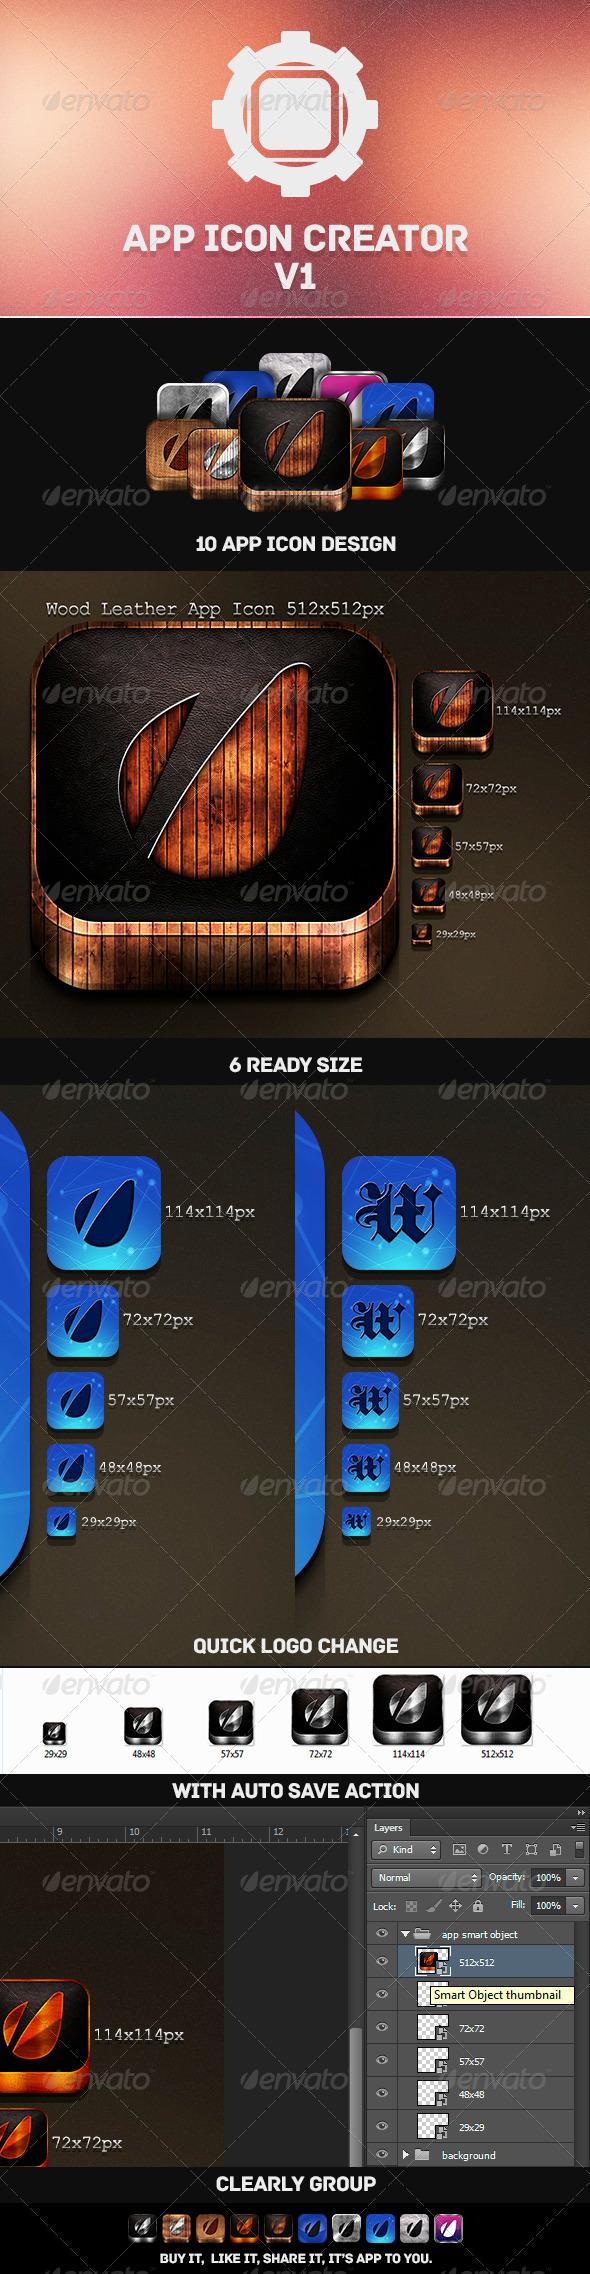 GraphicRiver App Icon Creator V1 4523415